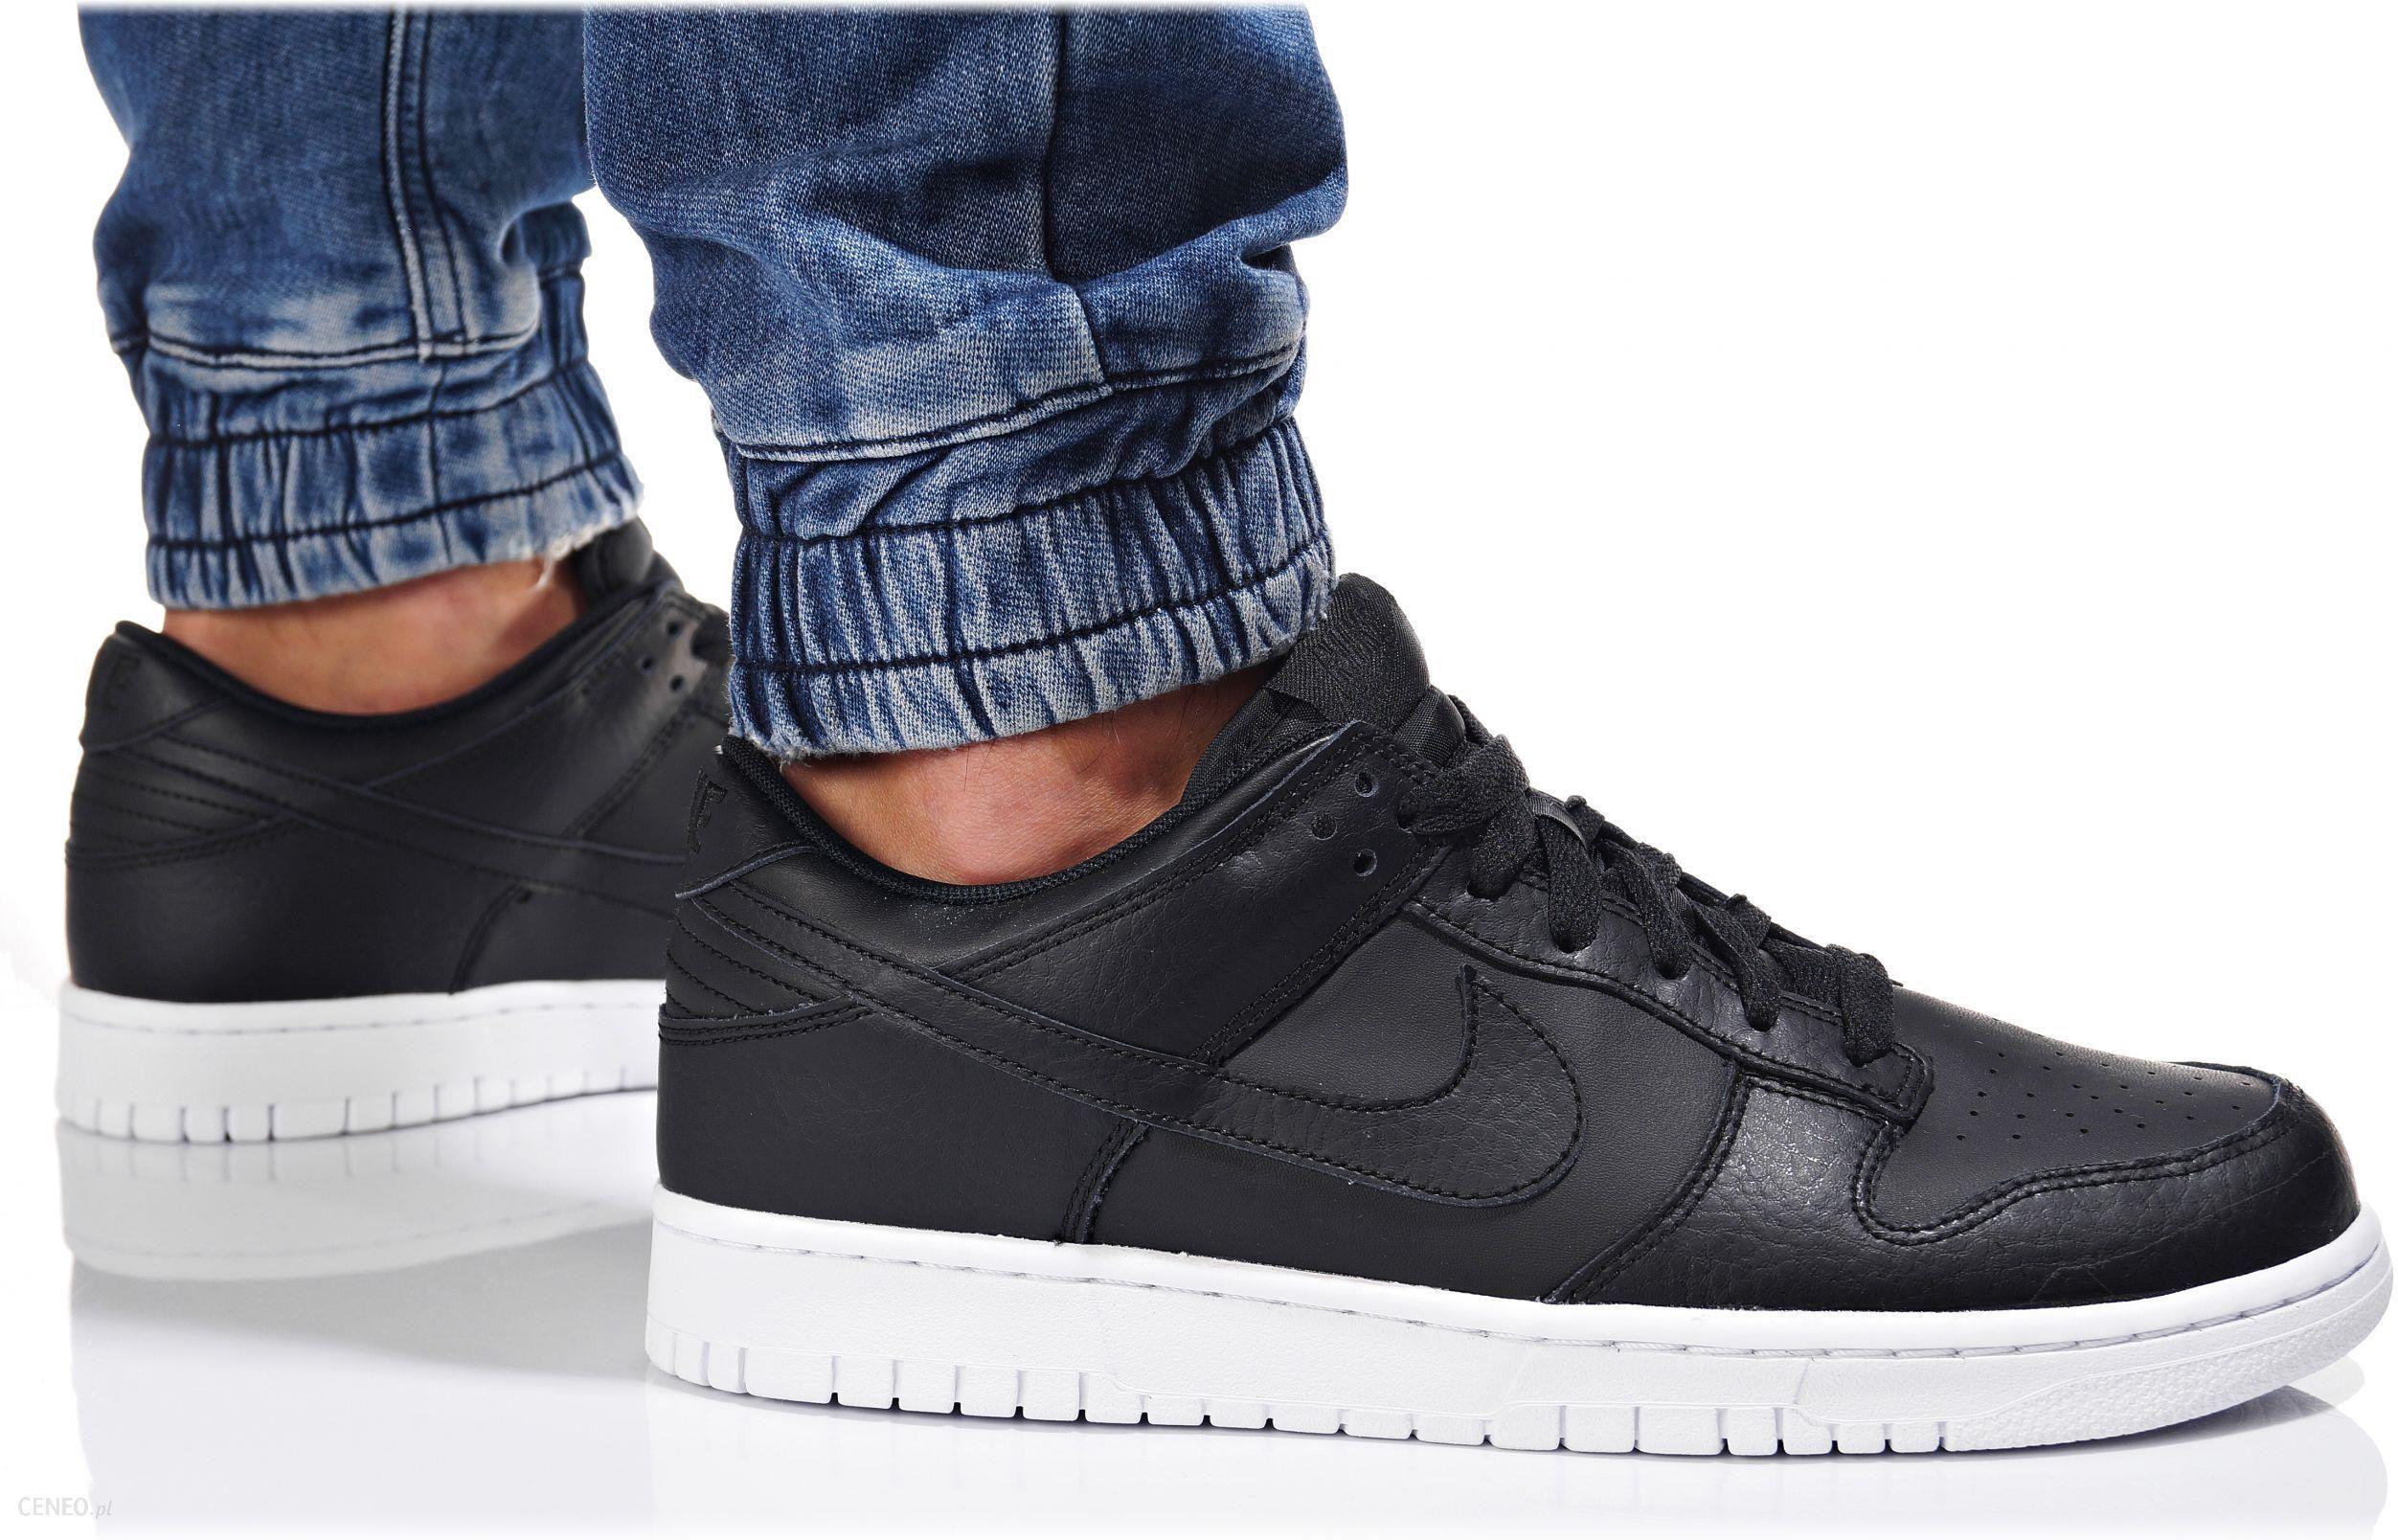 new style 1eb72 44597 Buty Nike Męskie Dunk Low 904234-003 Czarne - zdjęcie 1